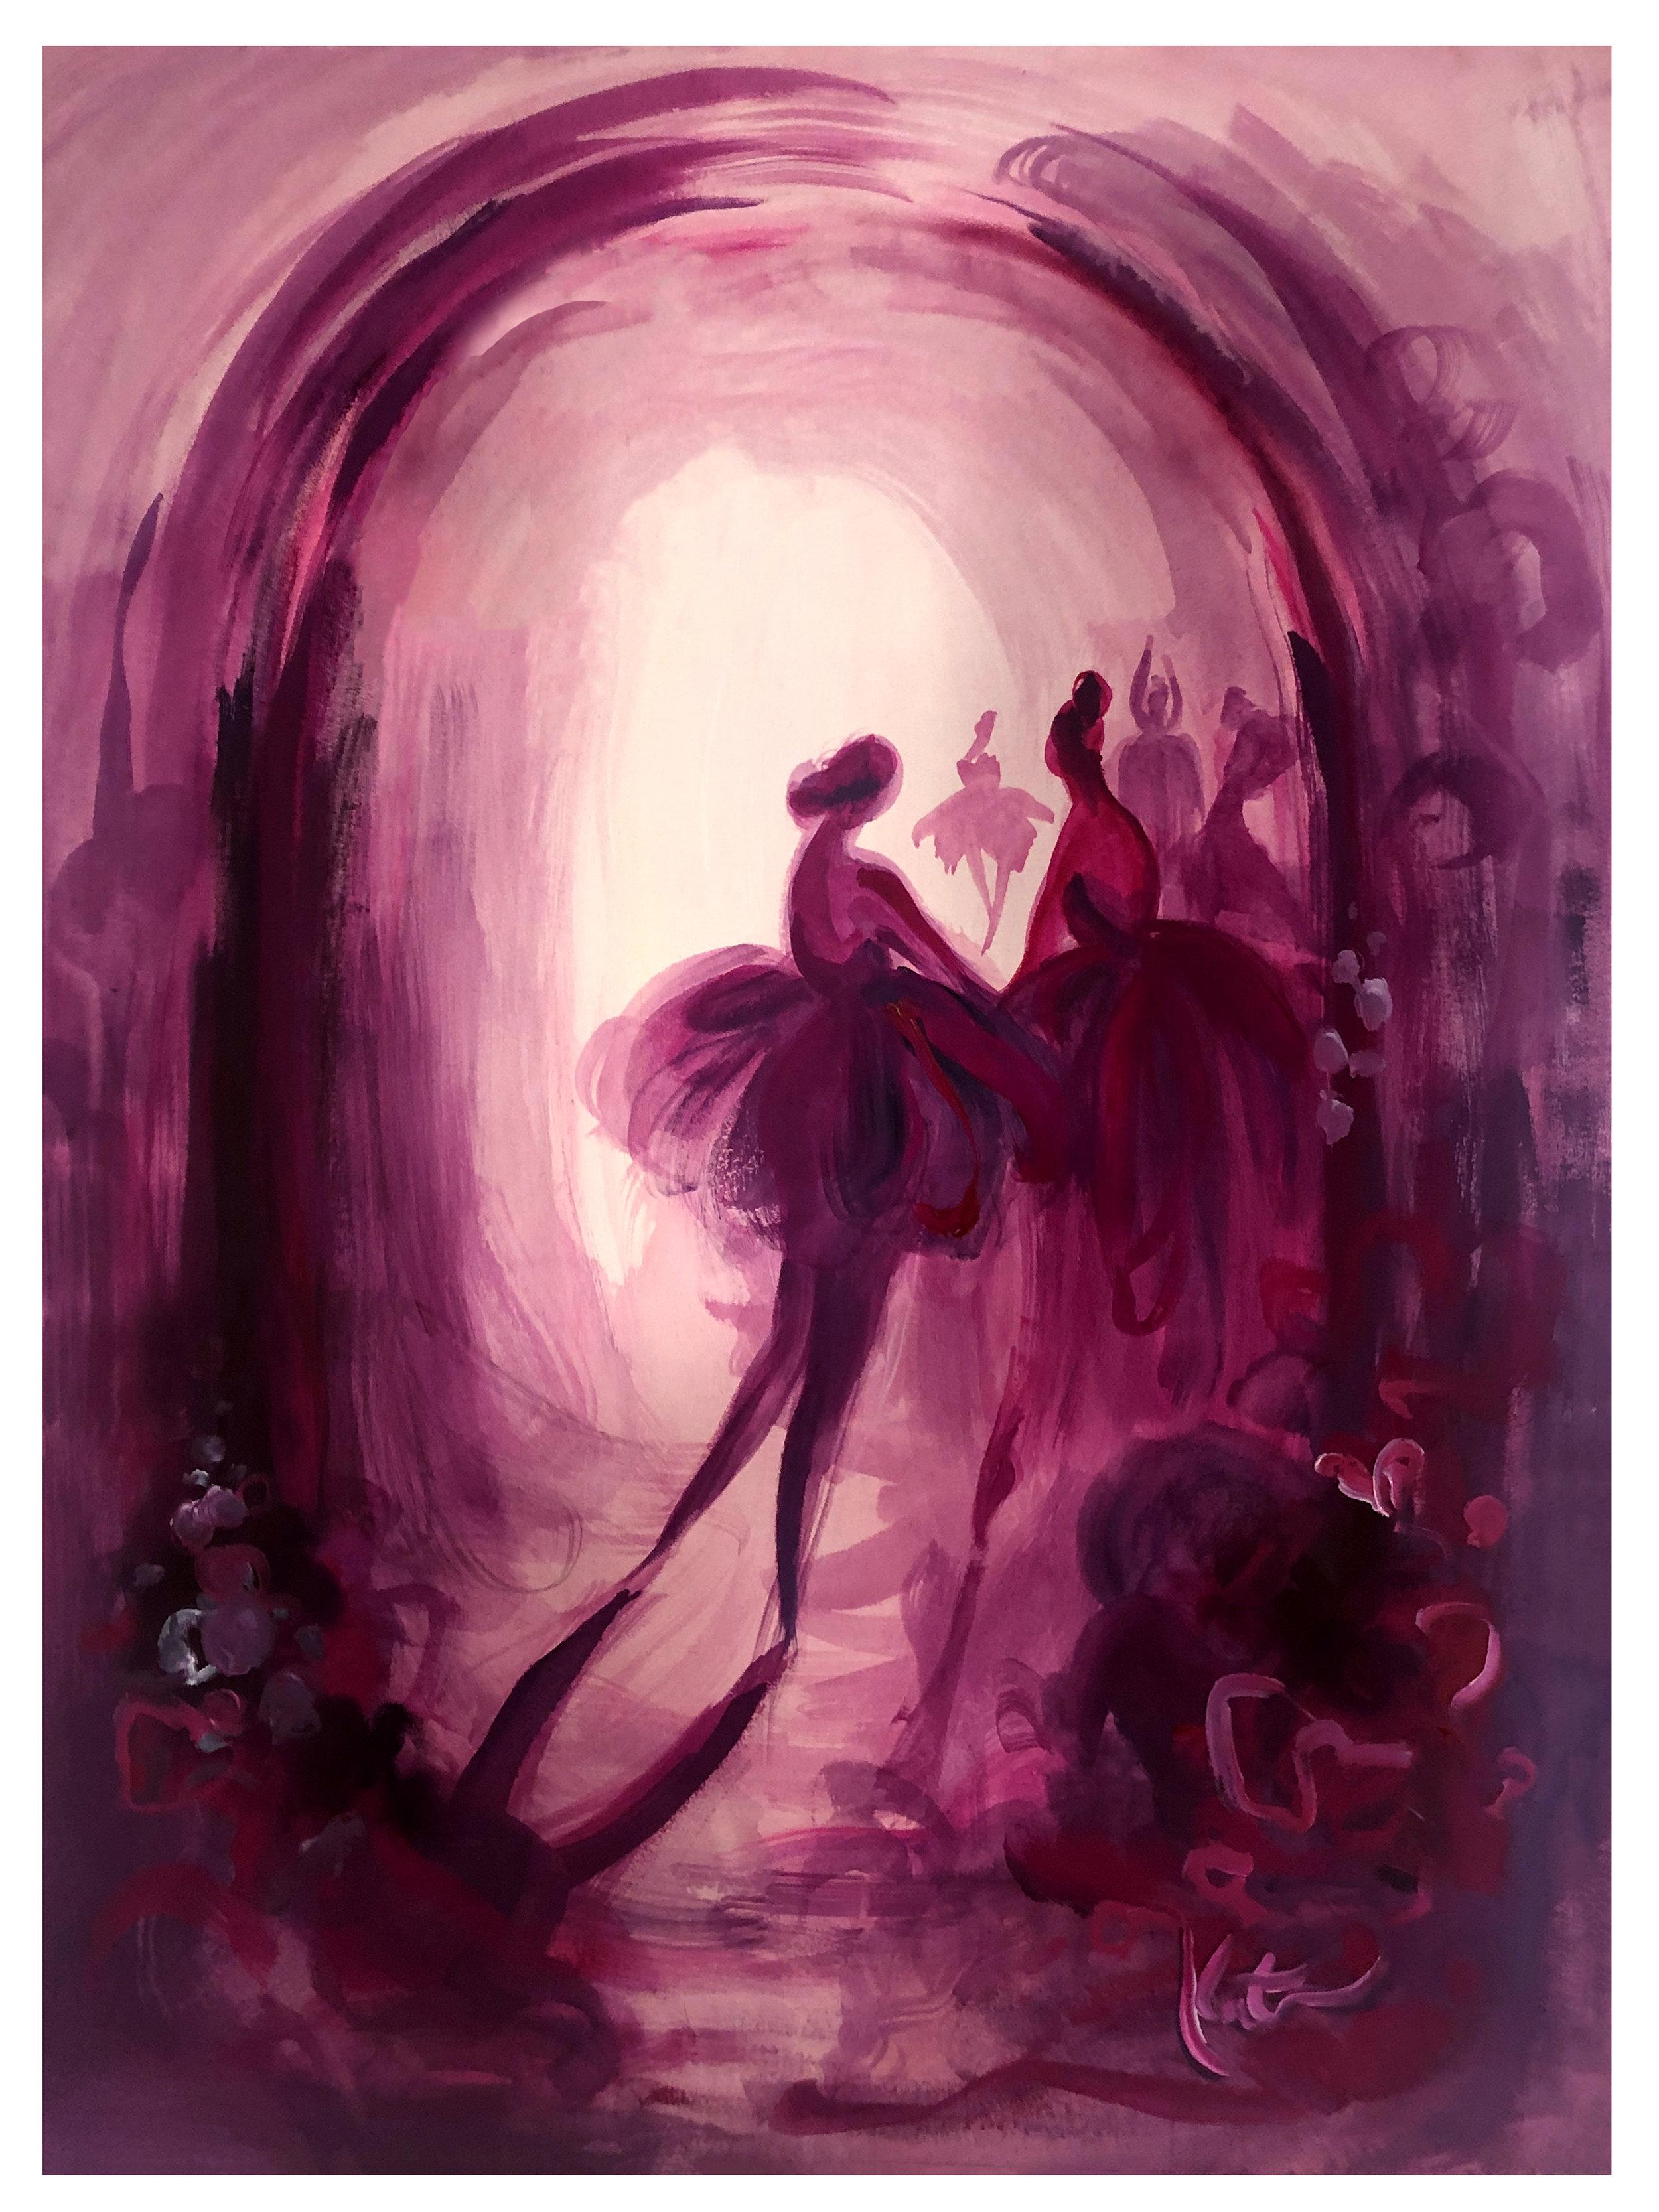 Dancing In The Shadows_FINAL.jpg